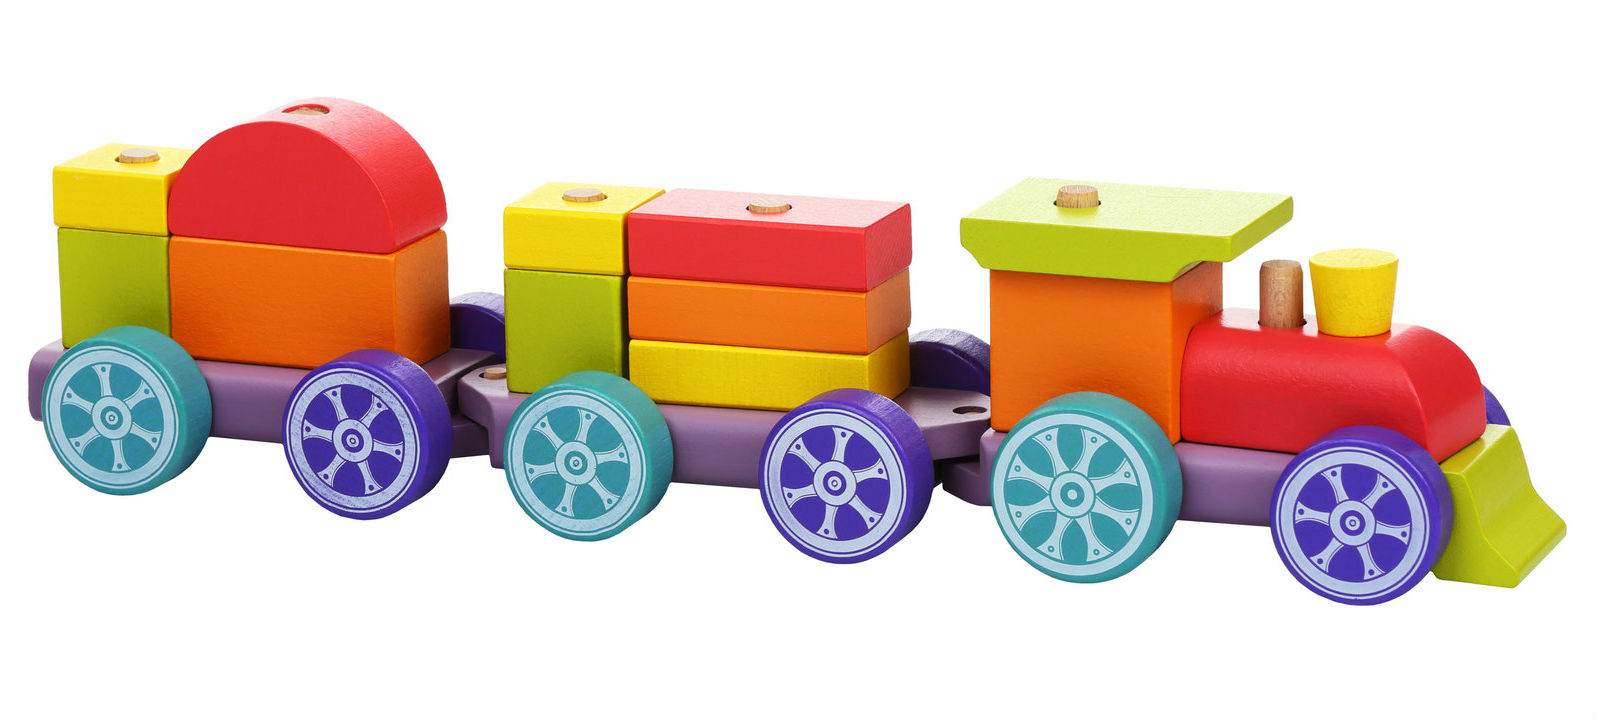 Medinių kaladėlių rinkinys CUBIKA Traukinukas – vaivorykštės ekspresas vaikams nuo 1,5 metų (12923)